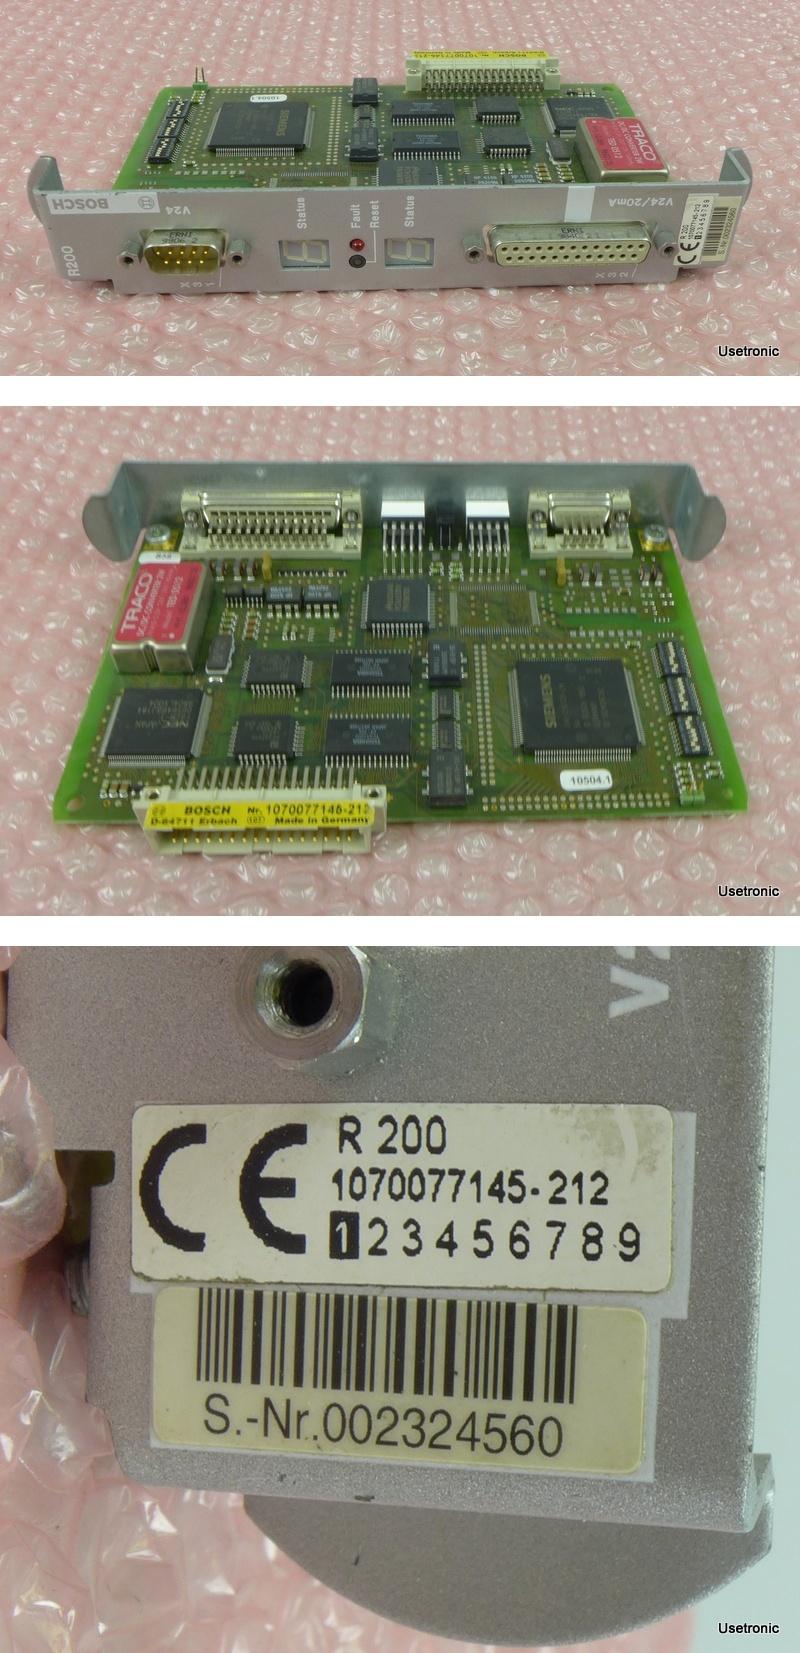 Bosch R200 1070077145-212